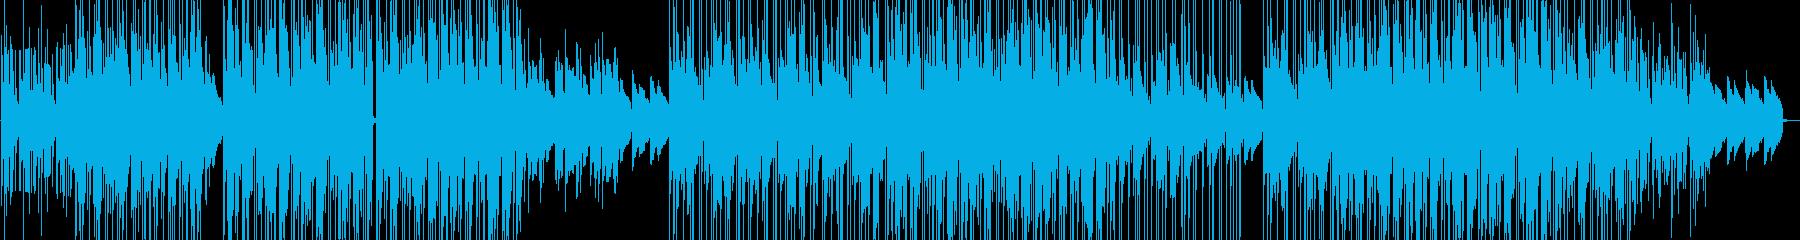 ジャズ風味のあるローファイヒップホップの再生済みの波形